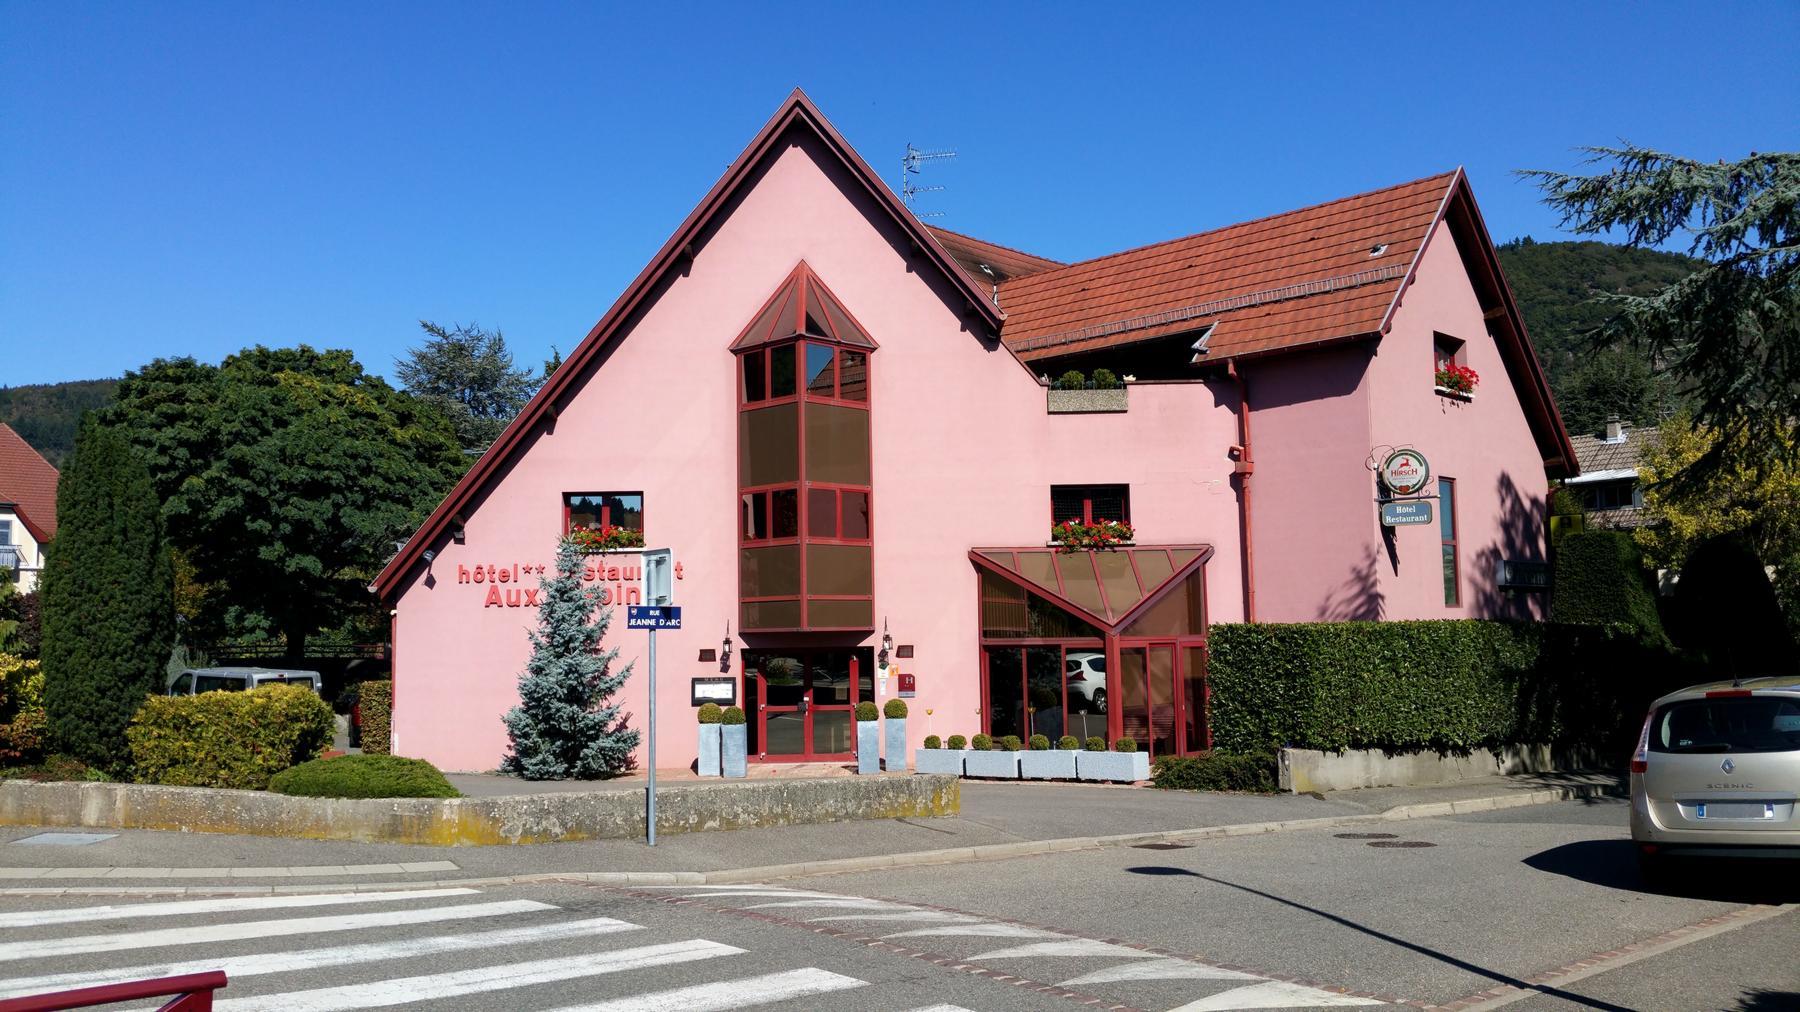 Hotel-restaurant Aux Sapins